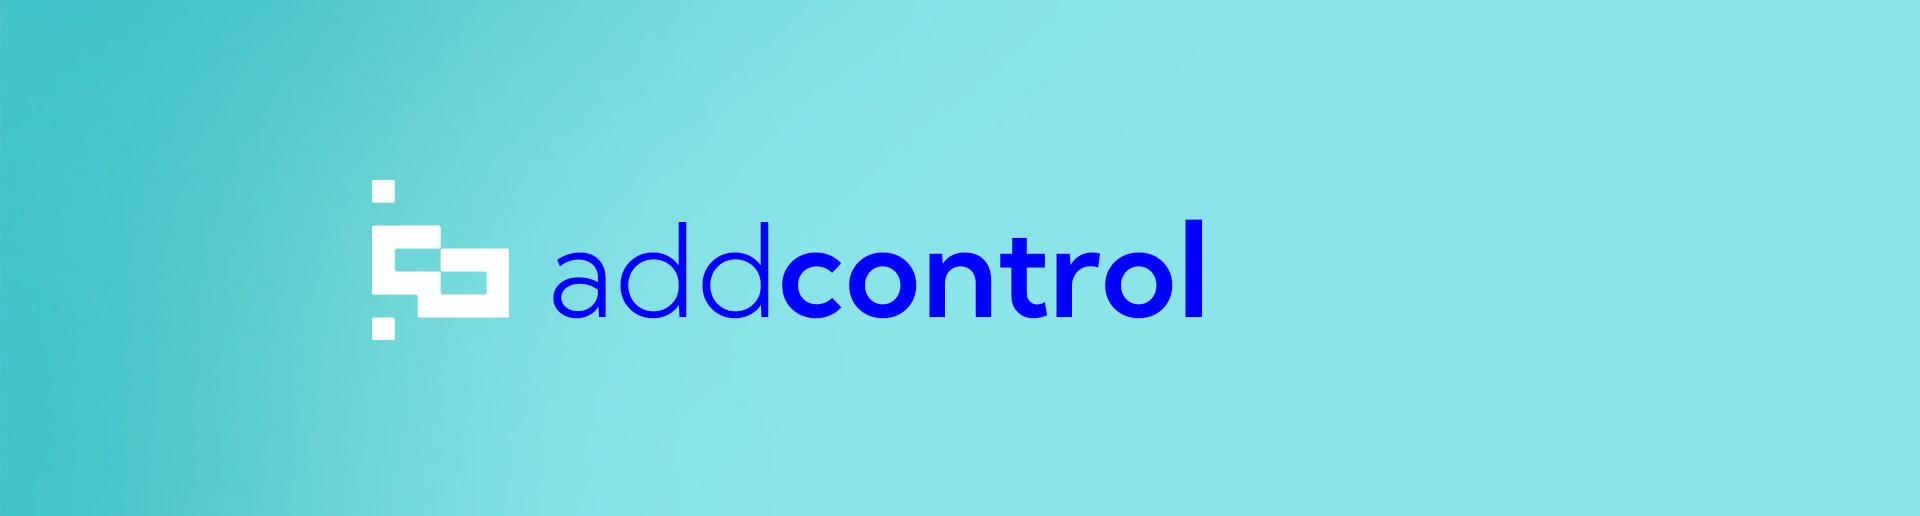 Addcontrol.